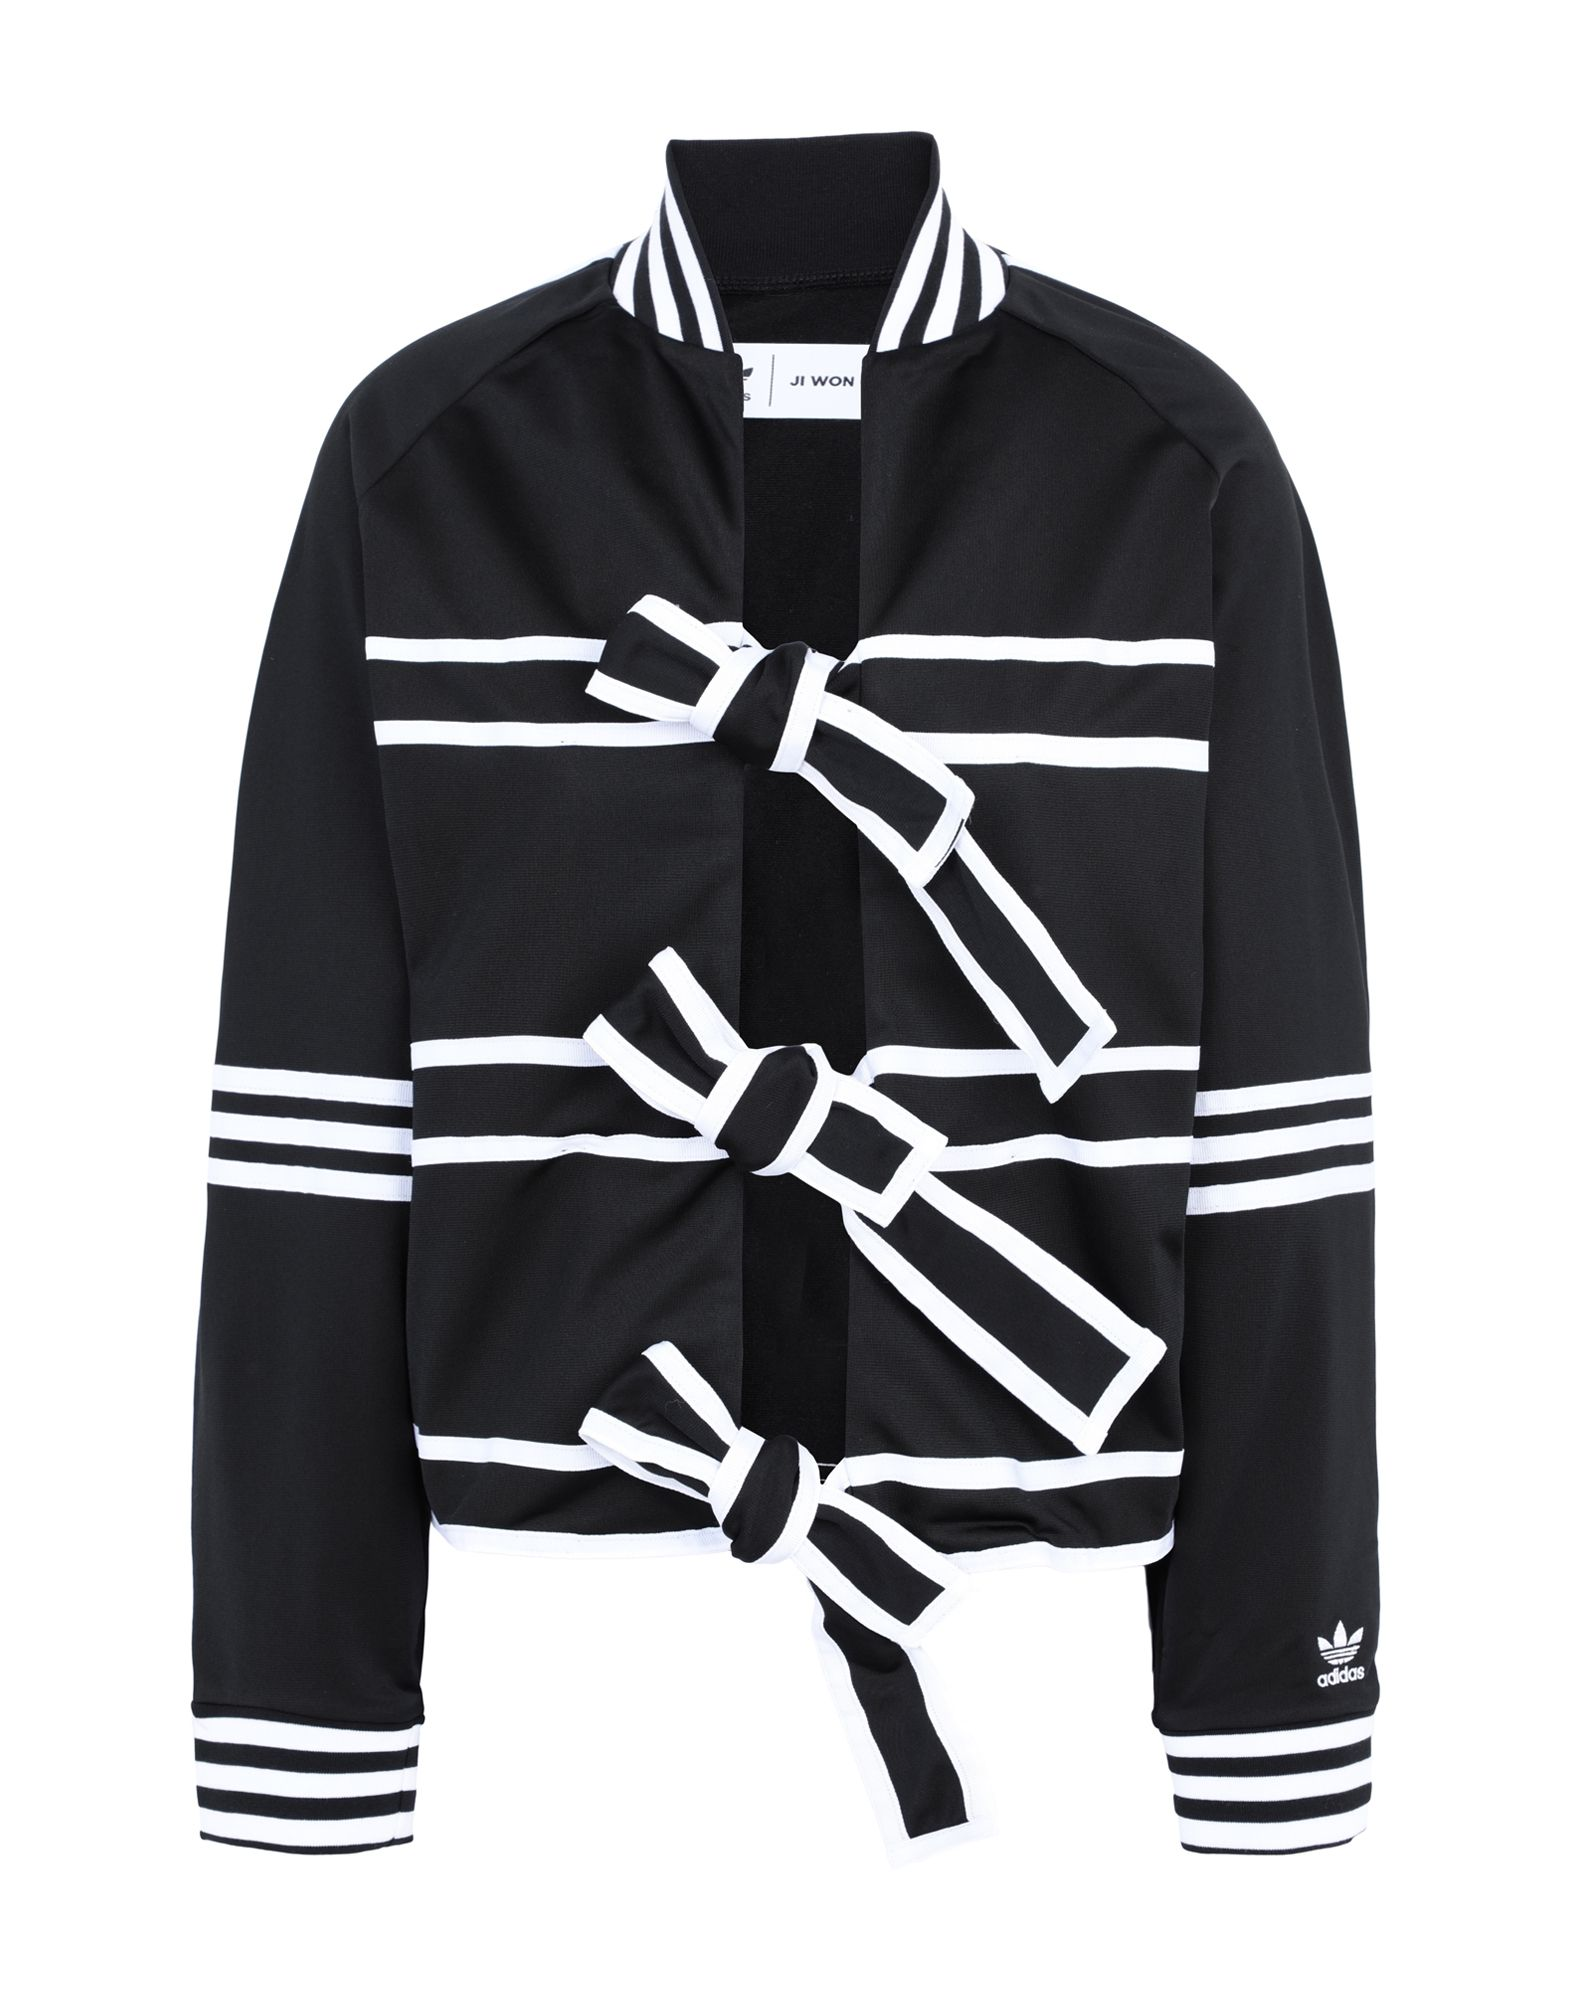 《期間限定 セール開催中》ADIDAS ORIGINALS x JI WON CHOI レディース スウェットシャツ ブラック 34 リサイクルポリエステル 100% TRACKTOP